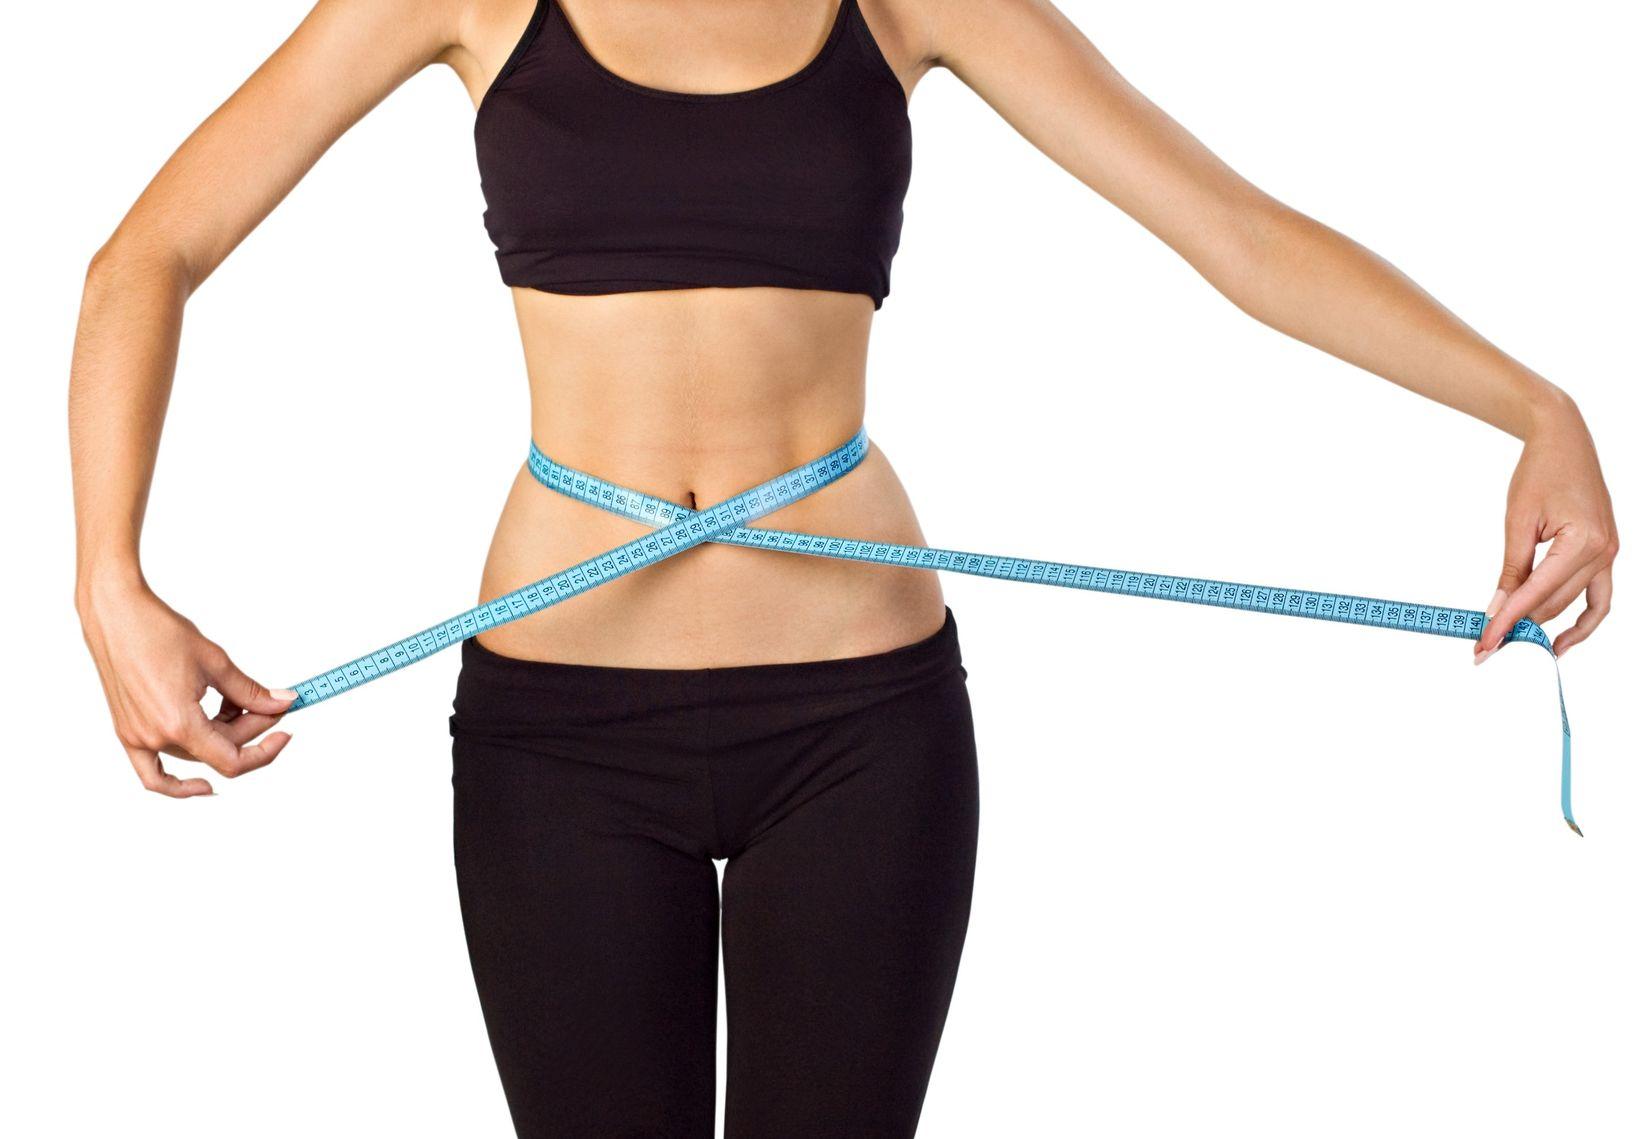 Девушек Для Похудения Талии И Живота. Как похудел живот